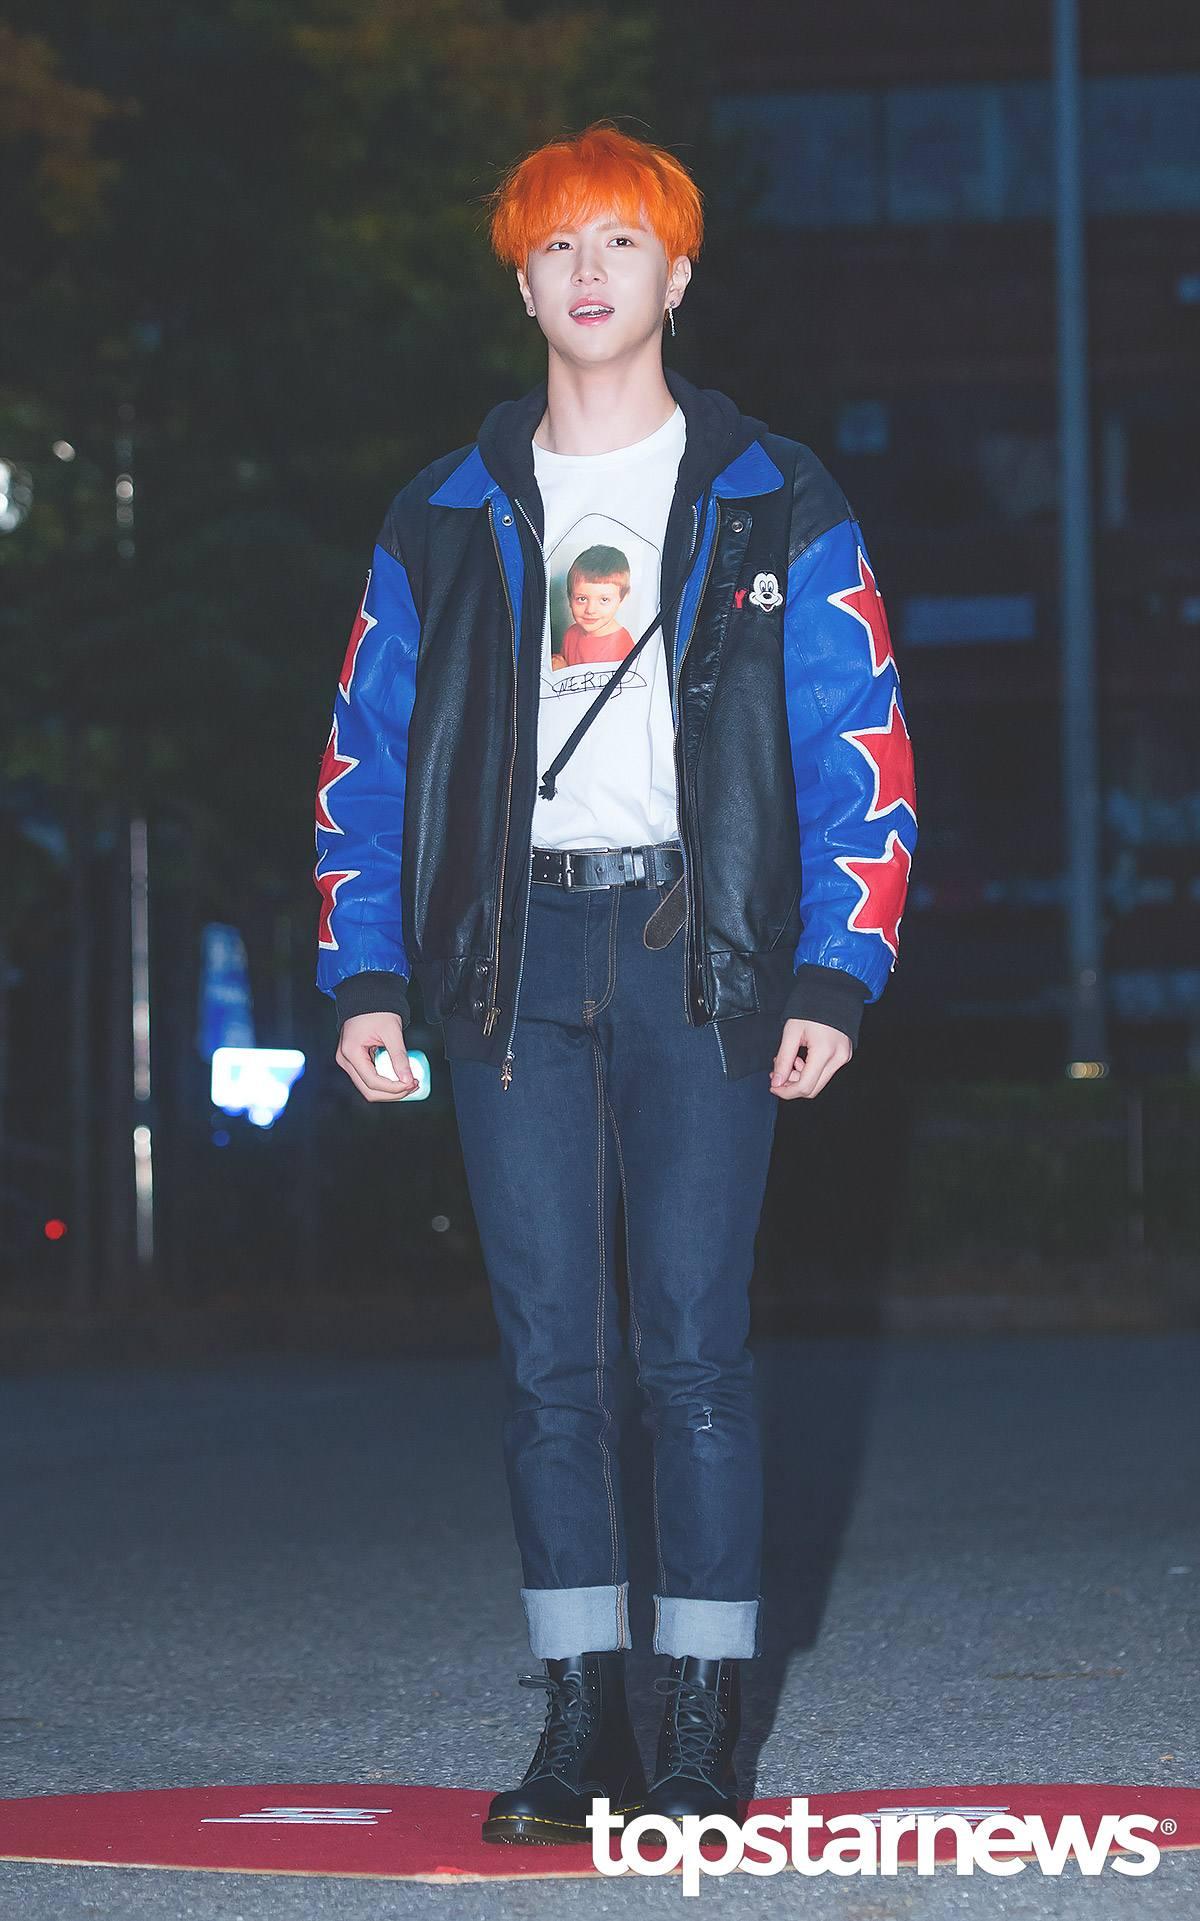 20歲-金東漢: 從最年輕的金東漢開始~果然年輕又有朝氣,利用一件夾克大衣配上鮮豔的星星設計,配上一件牛仔褲就可以看起來很有型!尤其在牛仔褲的位置利用反摺的方式配上軍靴,會讓比例看起來更完美喔!